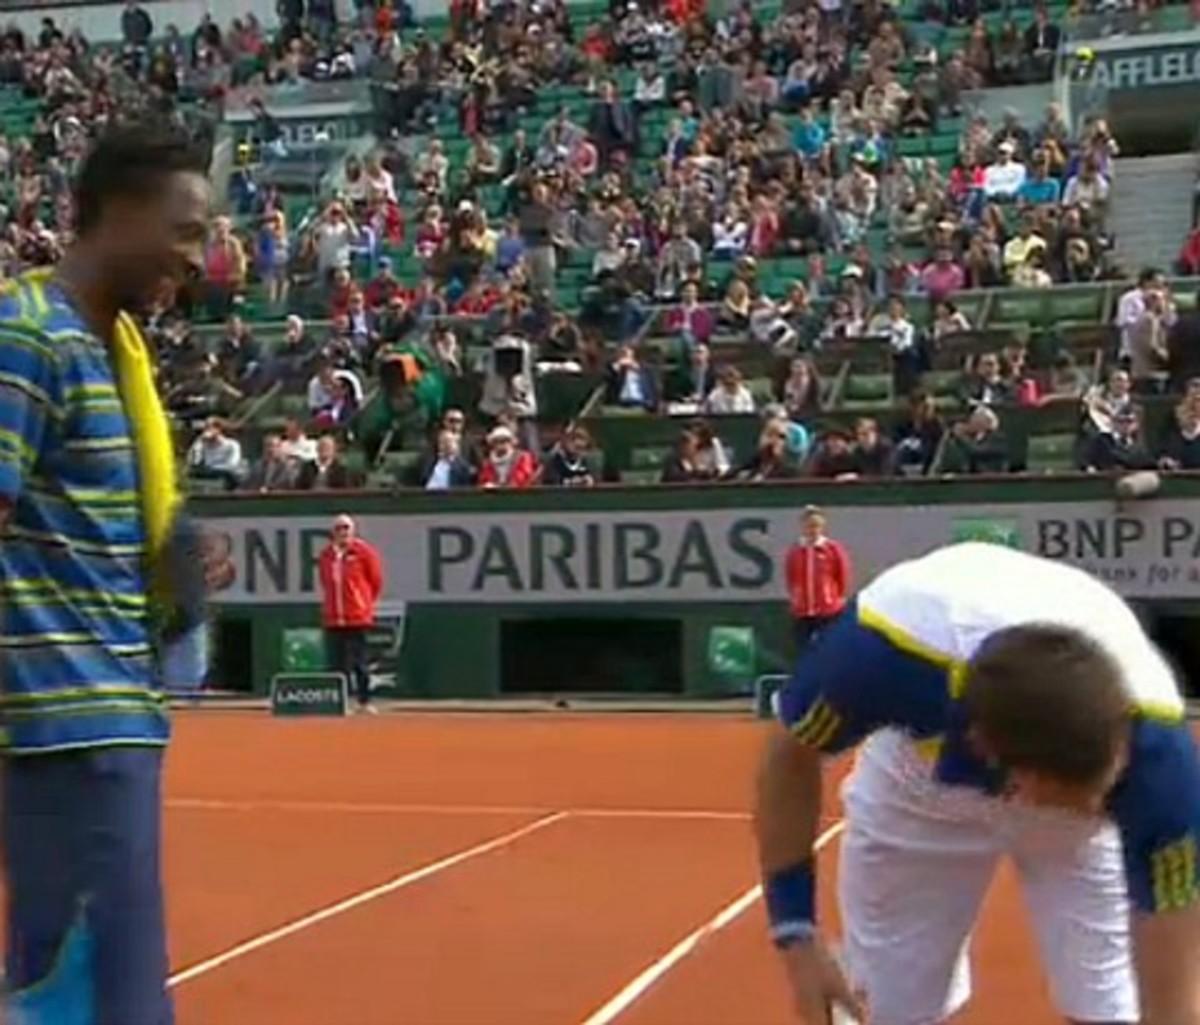 Screengrab from TennisChannel.com